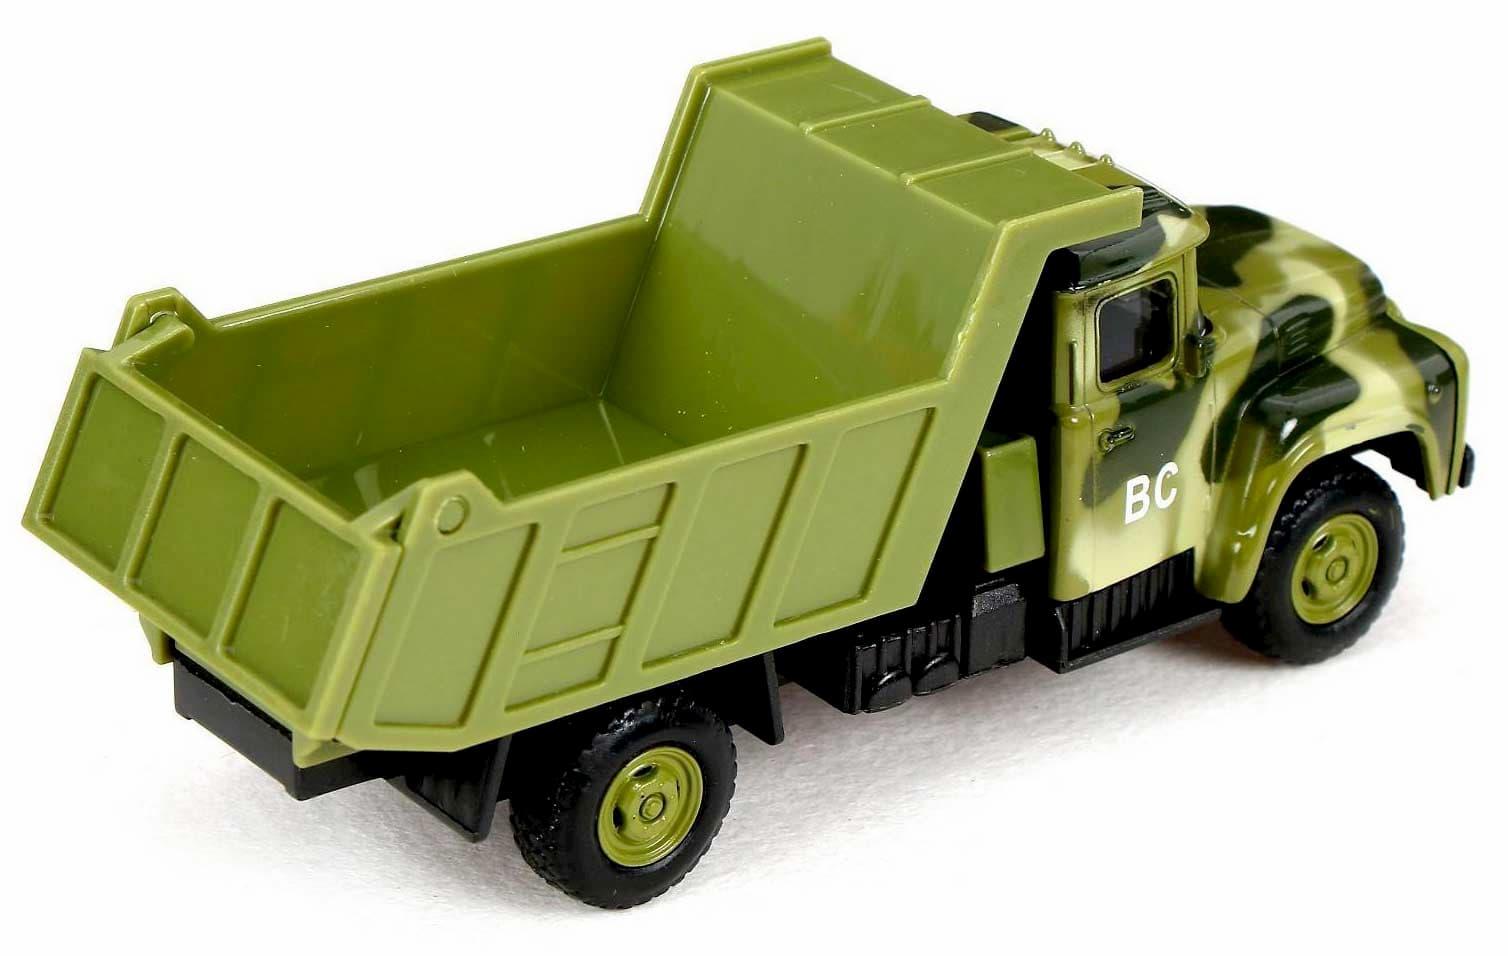 Машинка металлическая Play Smart 1:52 «Самосвал ЗИЛ Военный» 15 см. 6517-A Автопарк, инерционная